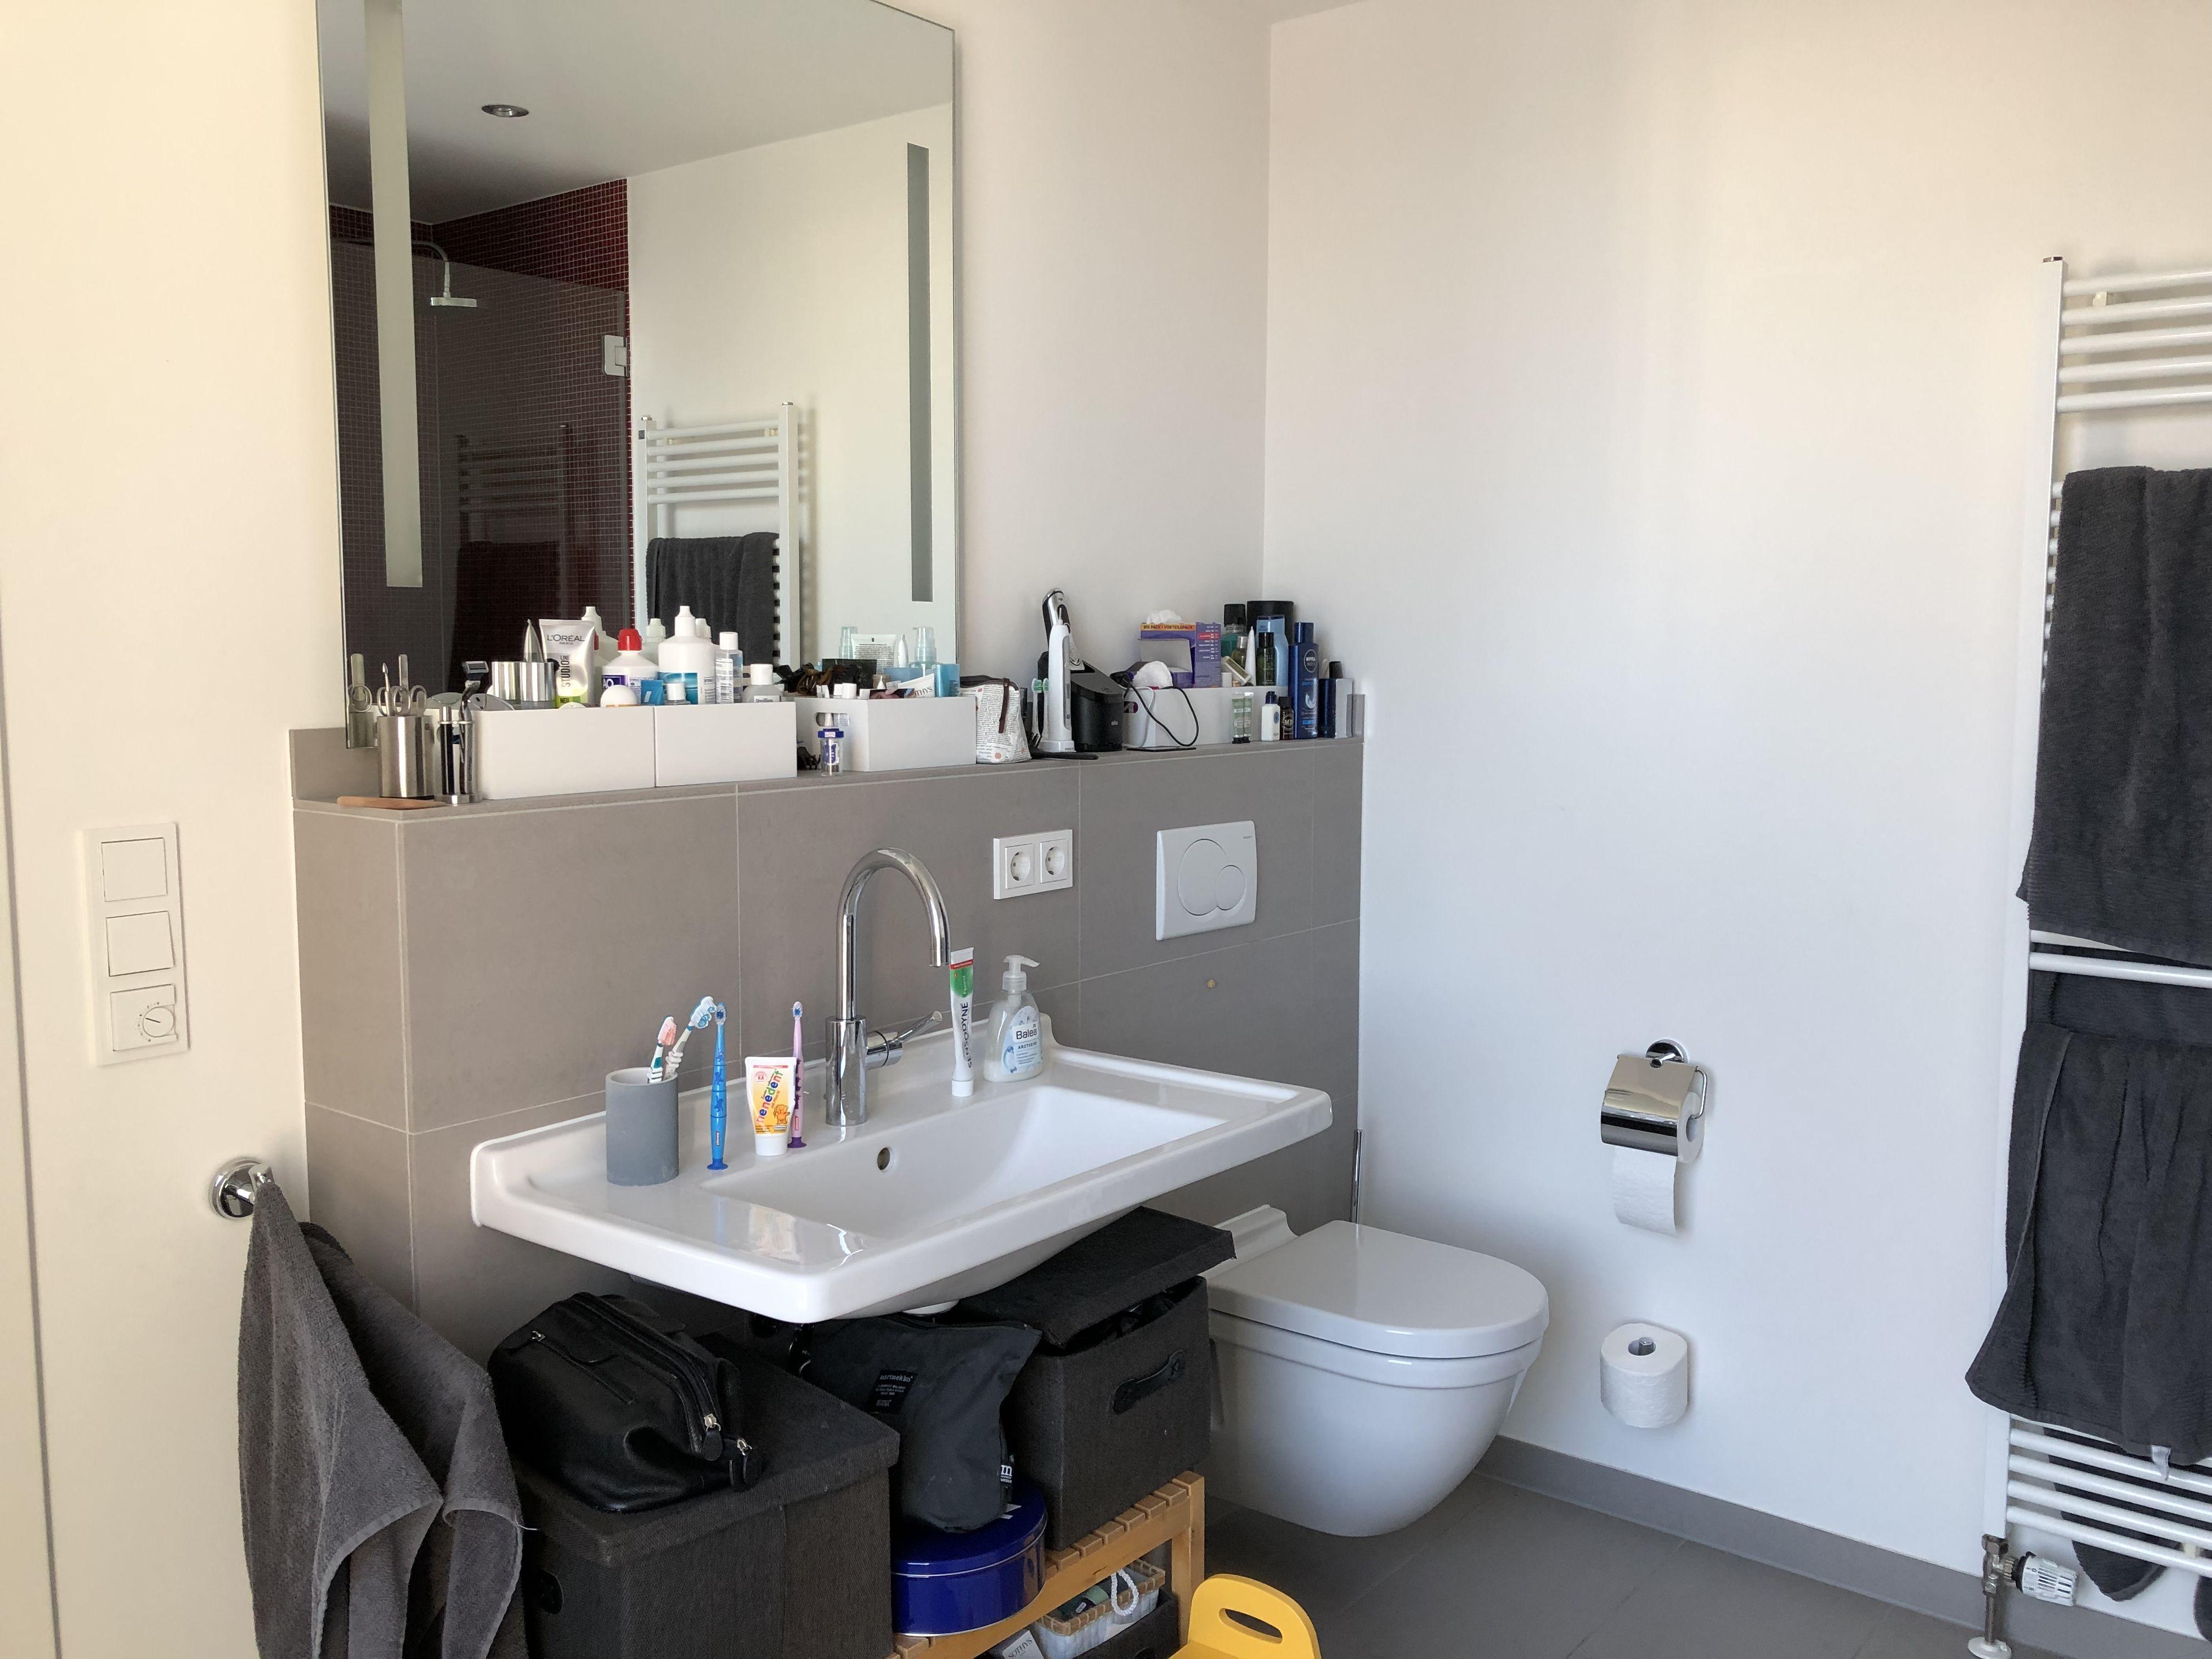 Unser Derzeitiges Bad 2 Zeigt Wir Brauchen Ablage Stauraum Z B Unterschrank O A Uns Gefallt Ablage Am Waschbe Badezimmer Ablage Badezimmer Waschbecken